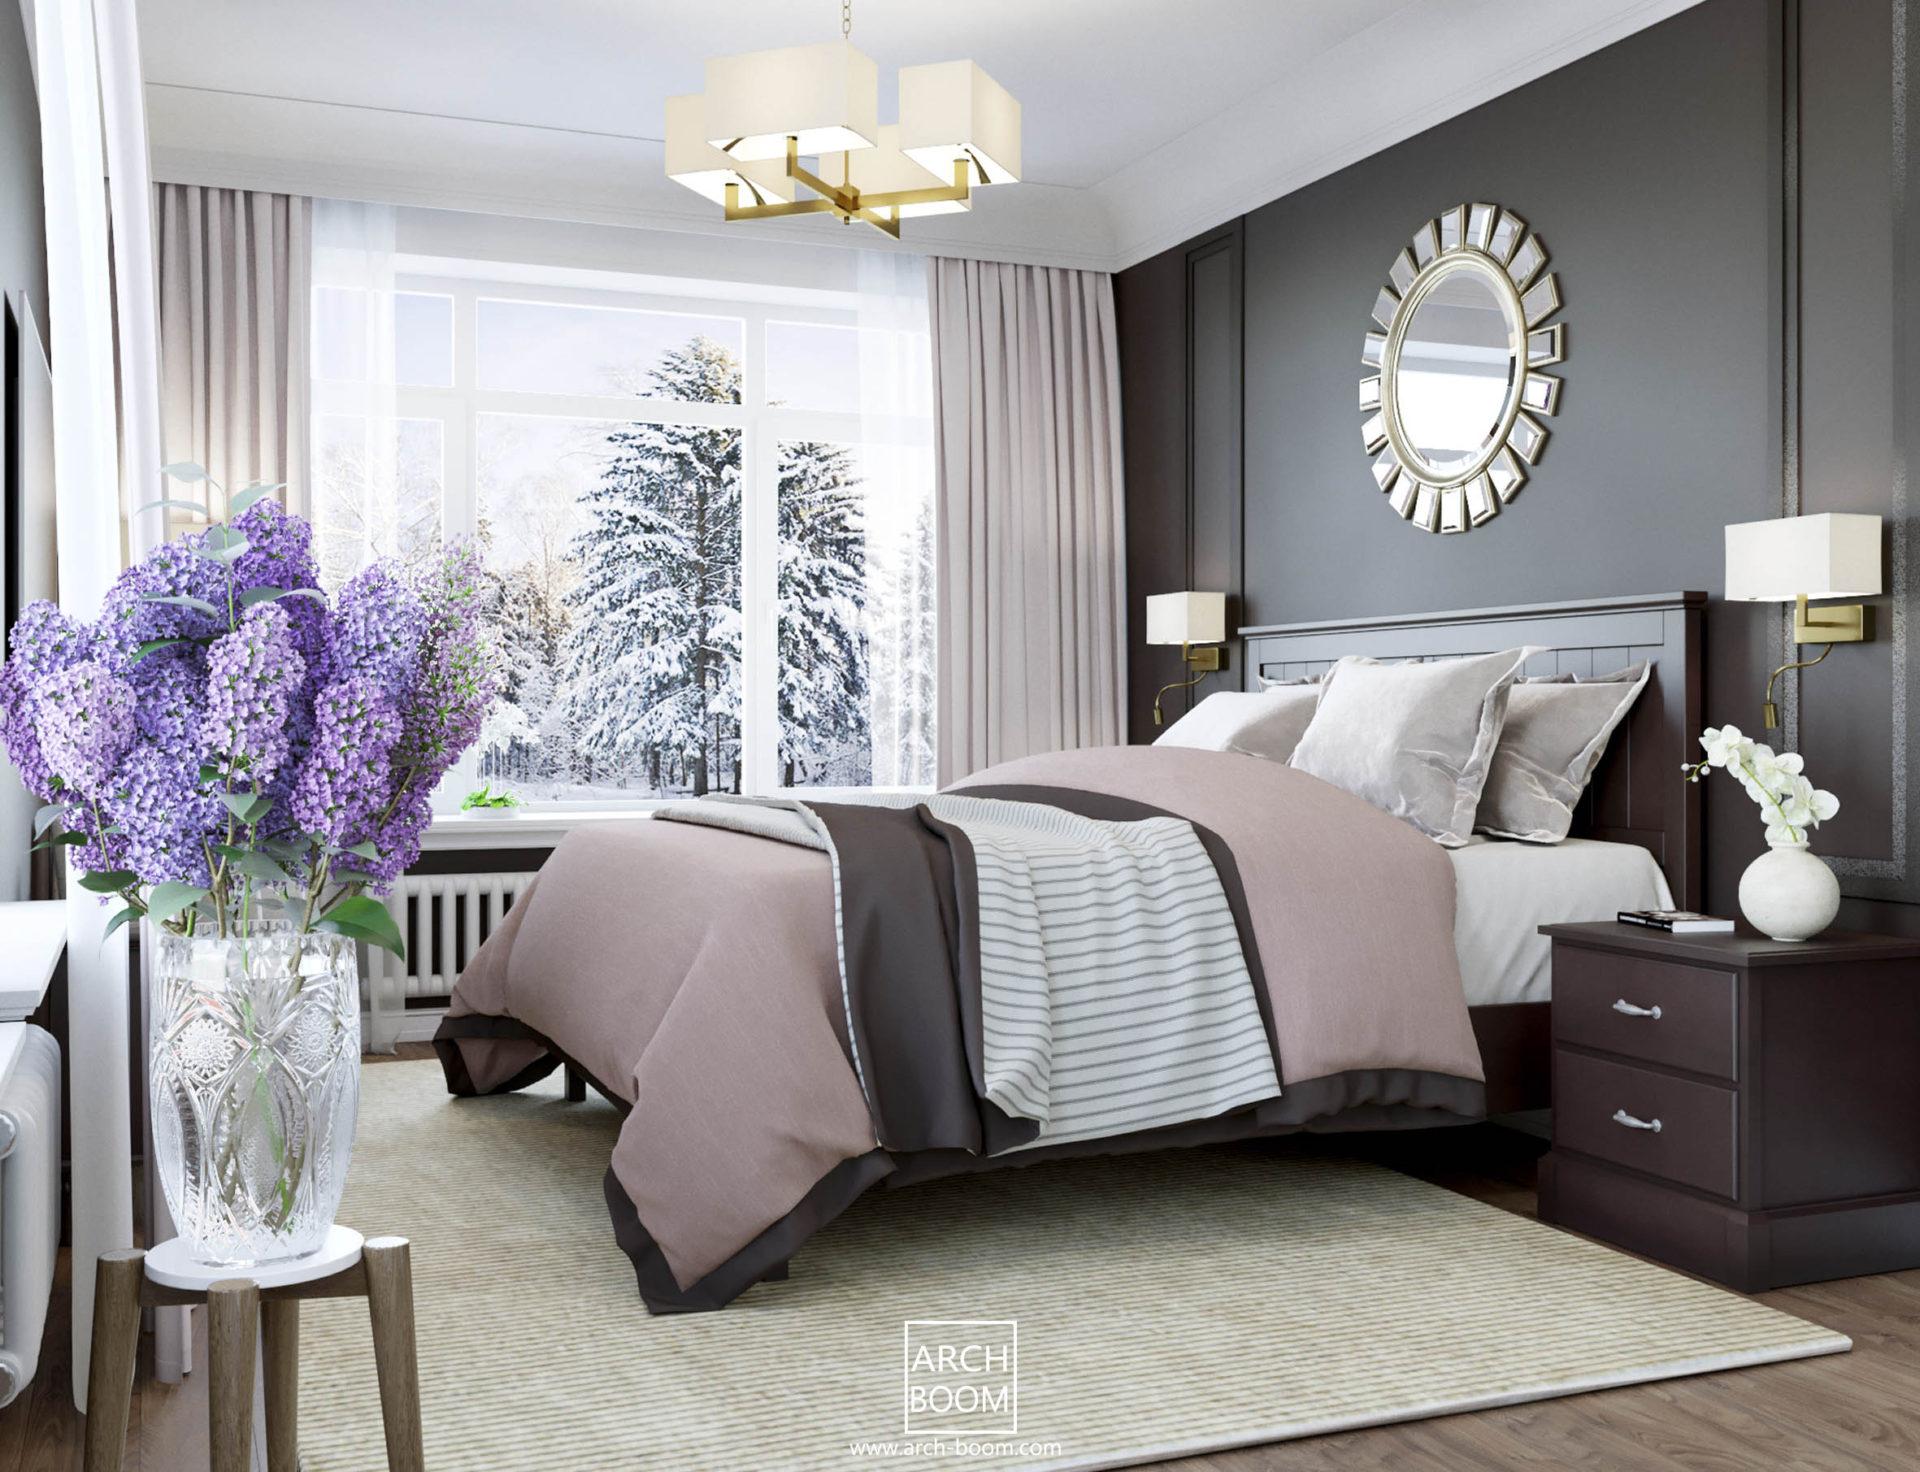 sypialnia wlascicieli y lazienka